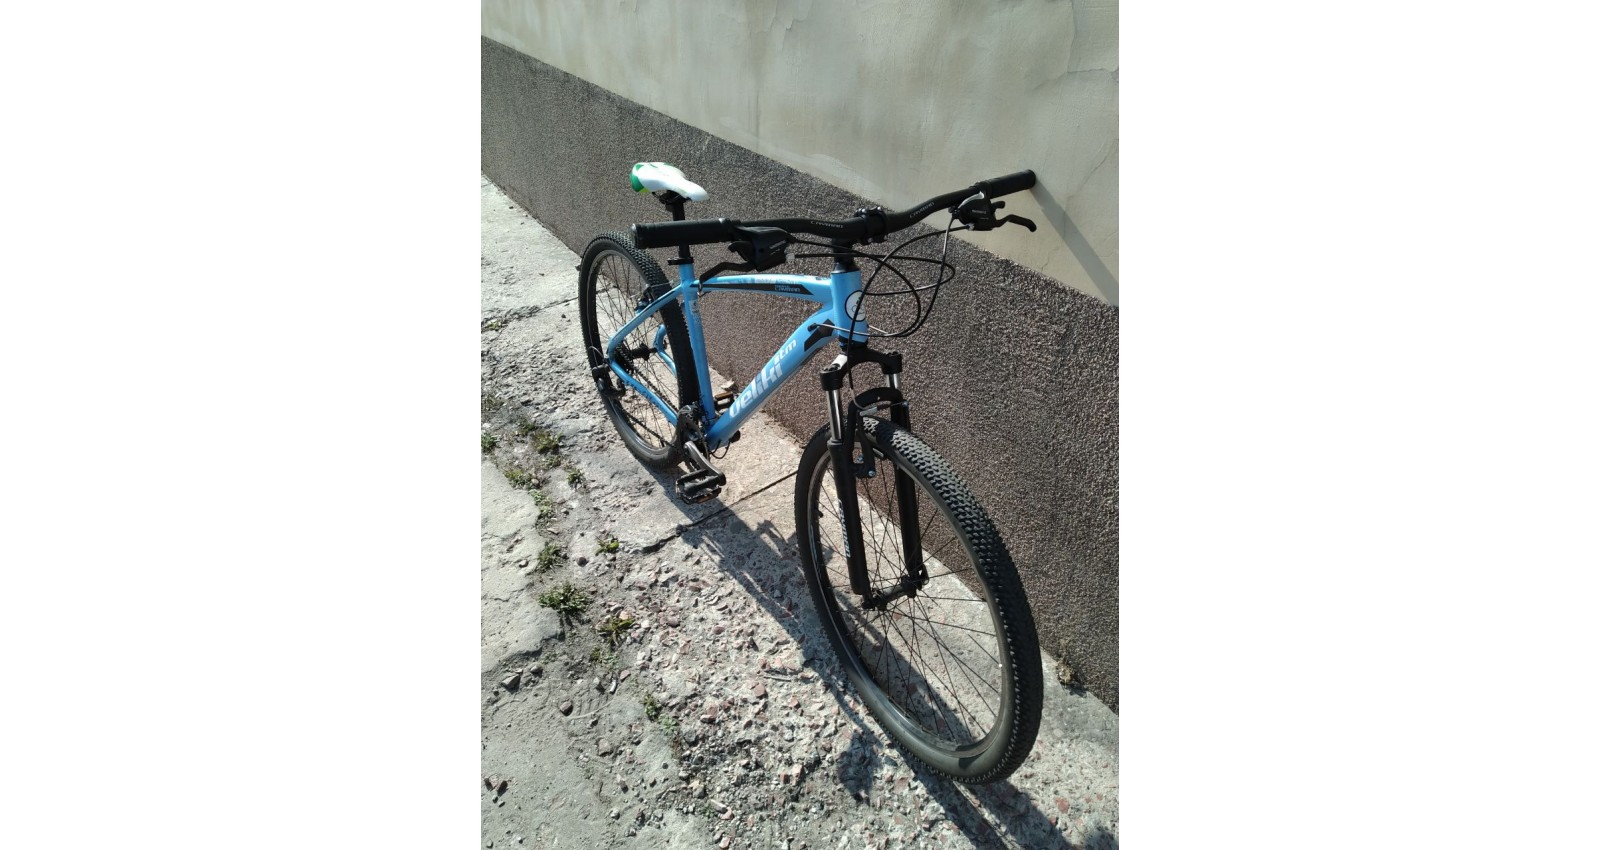 """Велосипед б/у 27,5"""" Cayman Evo 7.0 M (TM Veliki)  2019 blue - № Фото 1 - № Фото 2 - № Фото 3 - № Фото 4"""